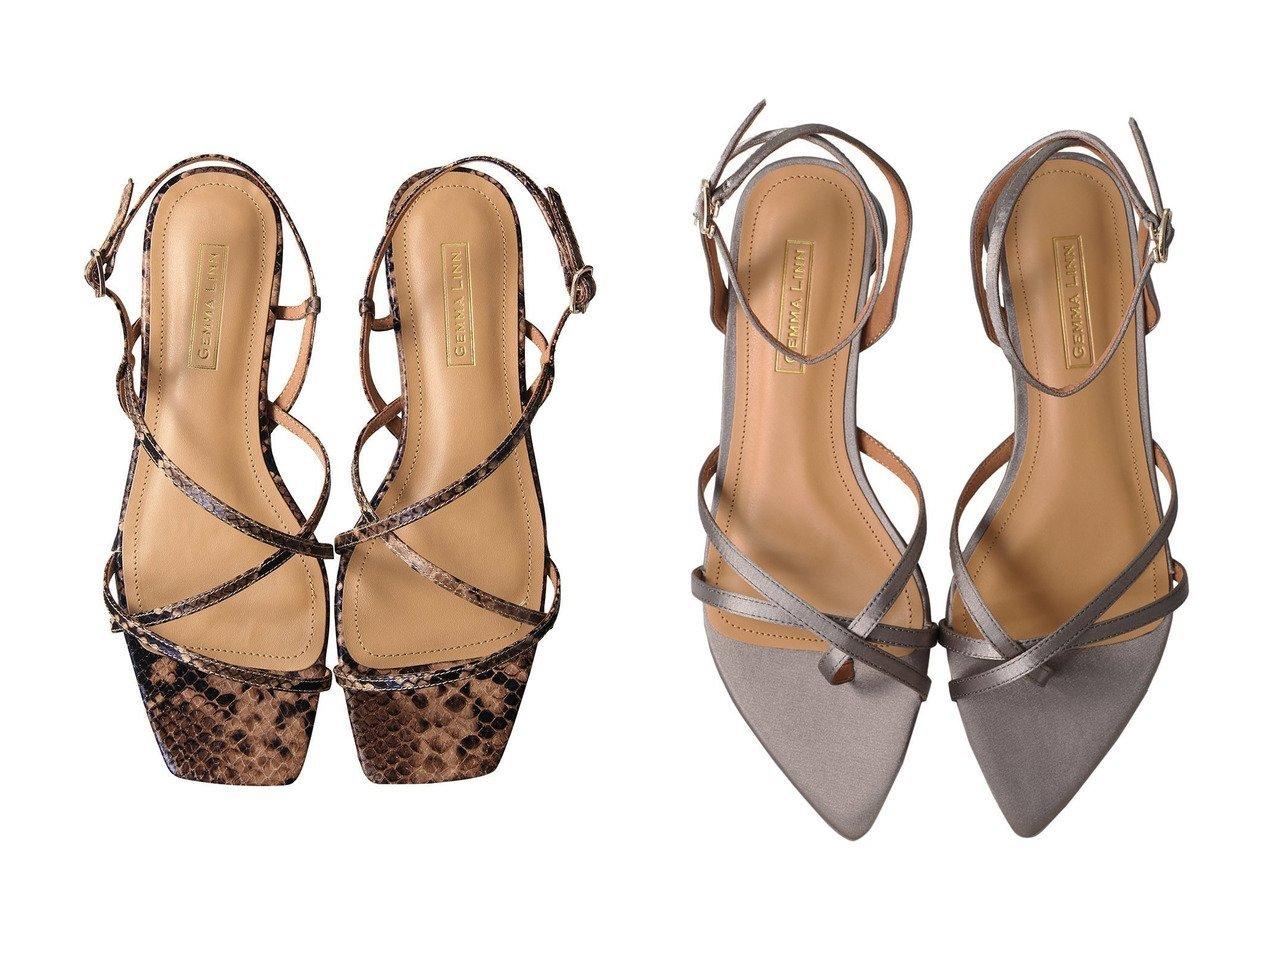 【Daniella & GEMMA/ダニエラ アンド ジェマ】のポインテッドトゥサテンストラップサンダル&【GEMMA LINN】ストラップフラットサンダル 【シューズ・靴】おすすめ!人気トレンド・レディースファッション通販 おすすめで人気の流行・トレンド、ファッションの通販商品 インテリア・家具・メンズファッション・キッズファッション・レディースファッション・服の通販 founy(ファニー) https://founy.com/ ファッション Fashion レディースファッション WOMEN サテン サマー サンダル フェミニン ラップ フラット リゾート 今季 再入荷 Restock/Back in Stock/Re Arrival  ID:crp329100000050700